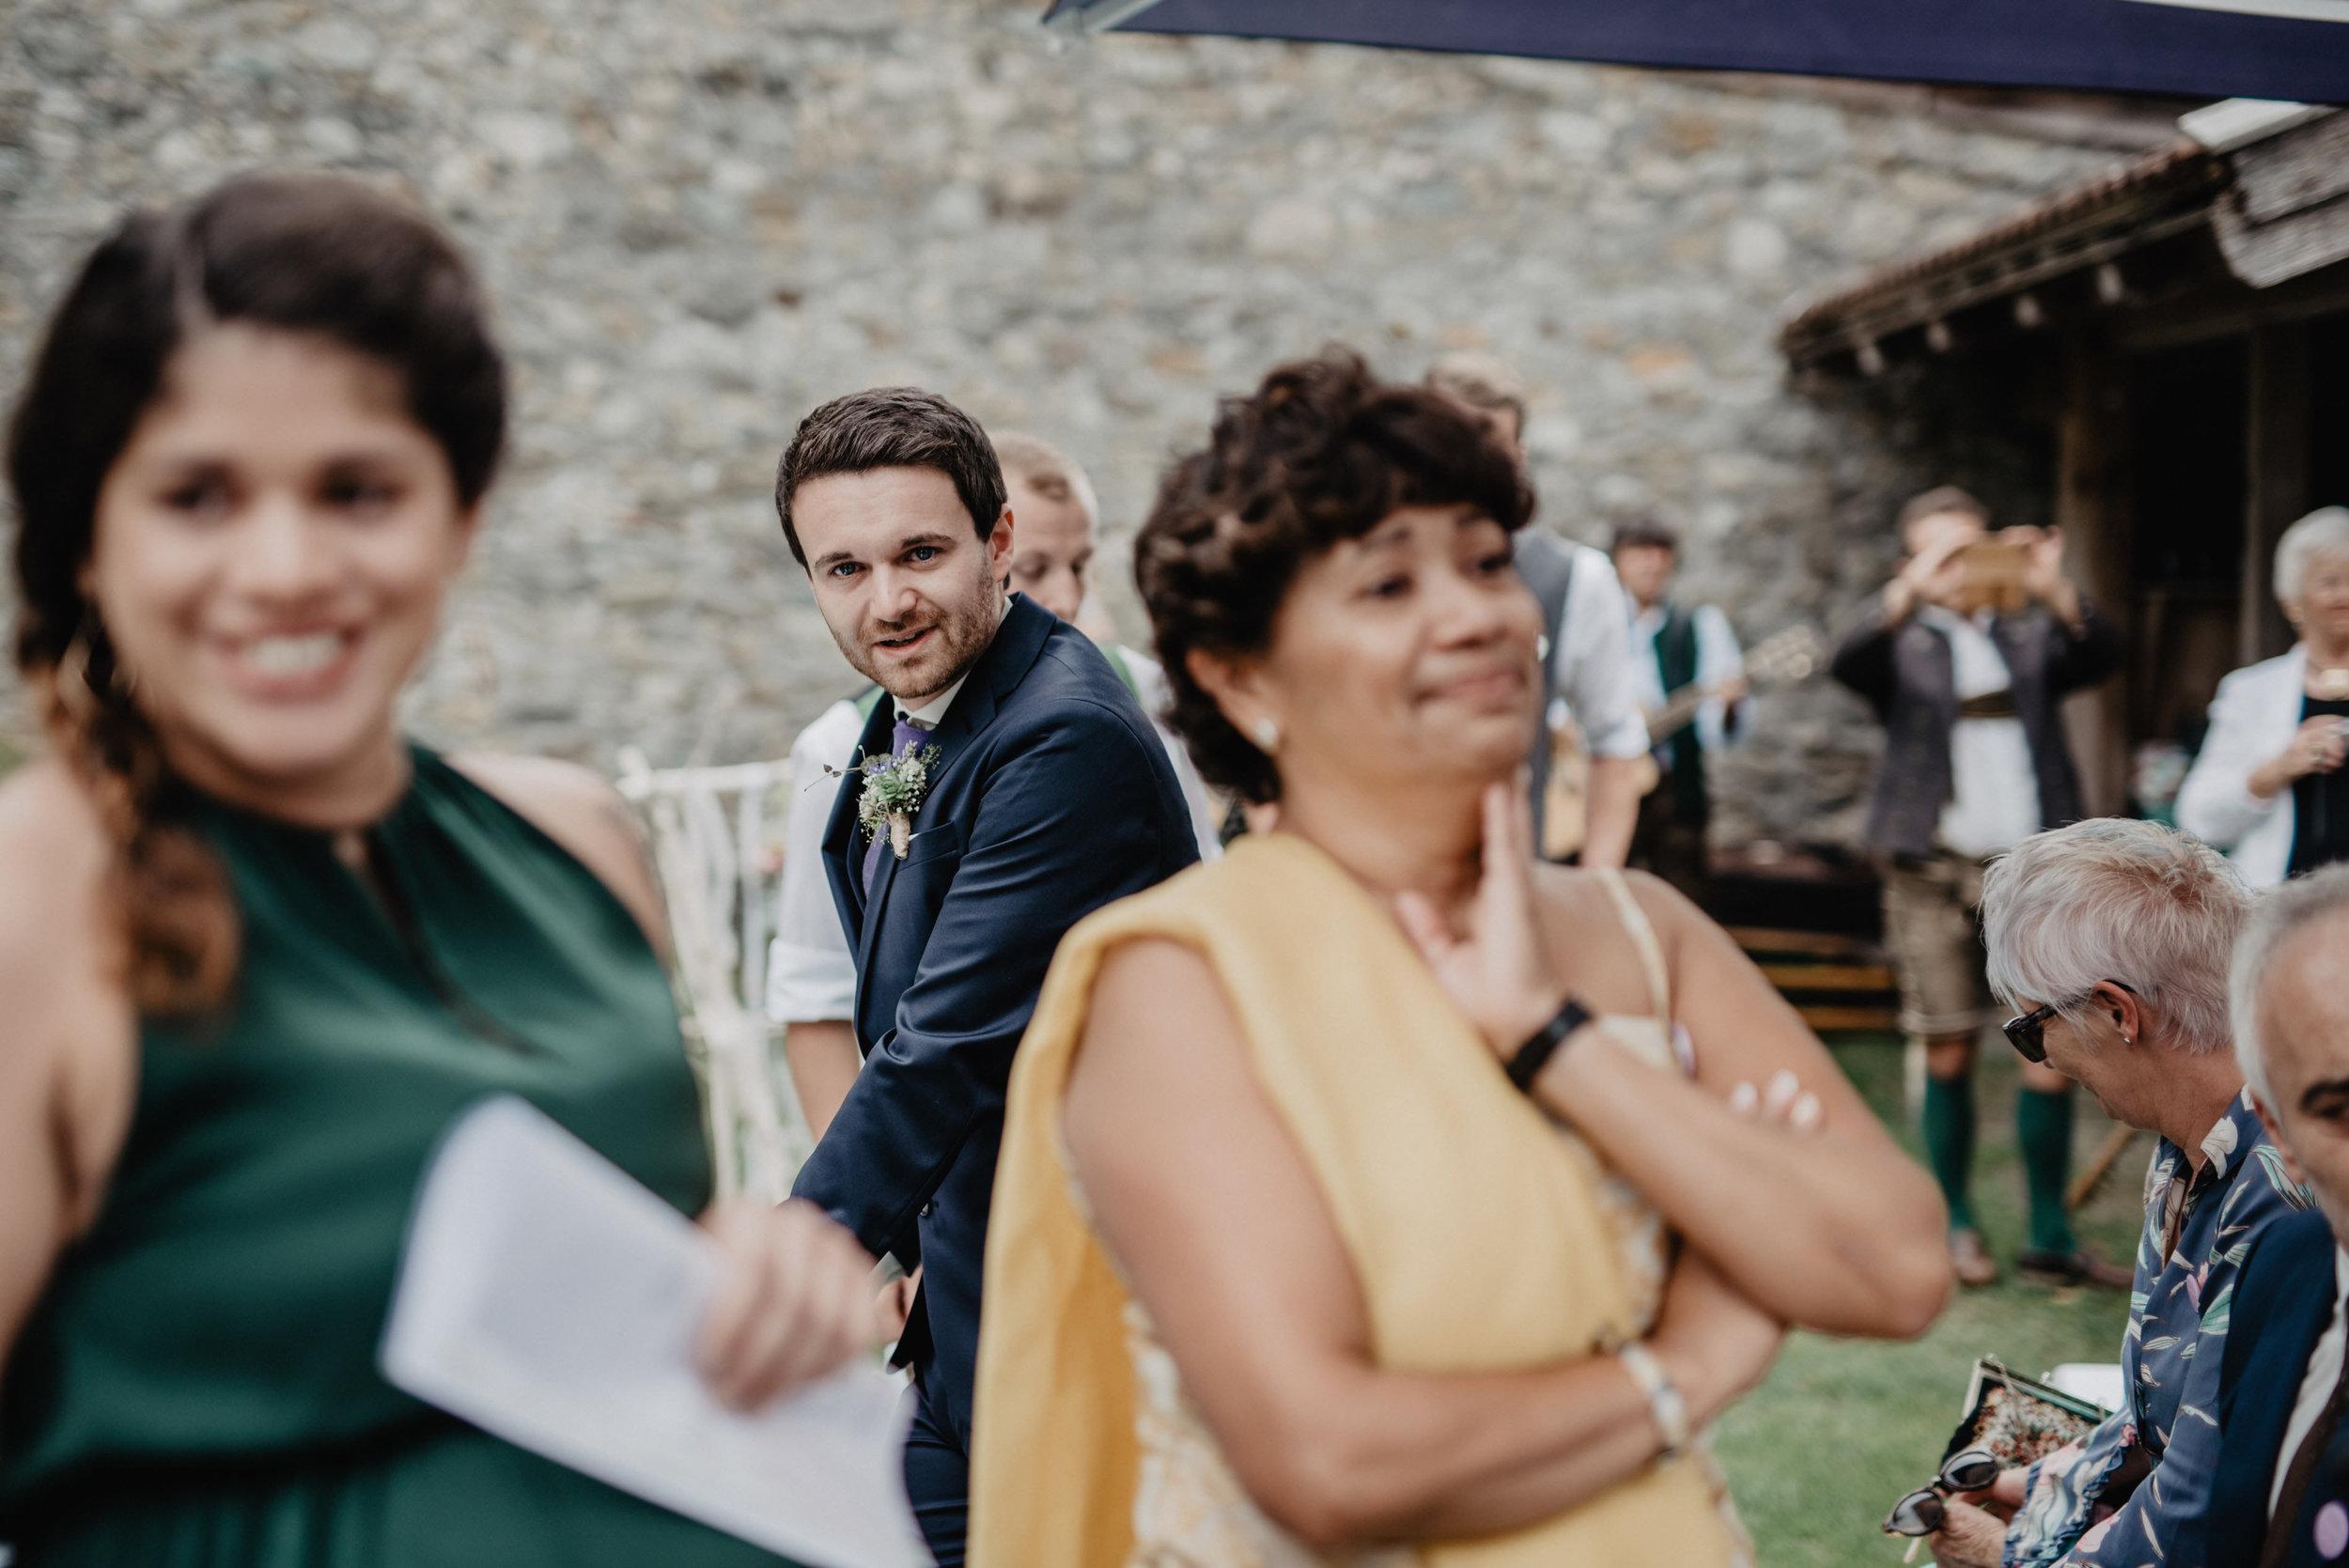 Schloss Kammer_Hochzeit_Maishofen_MissFrecklesPhotography (23 von 92).jpg